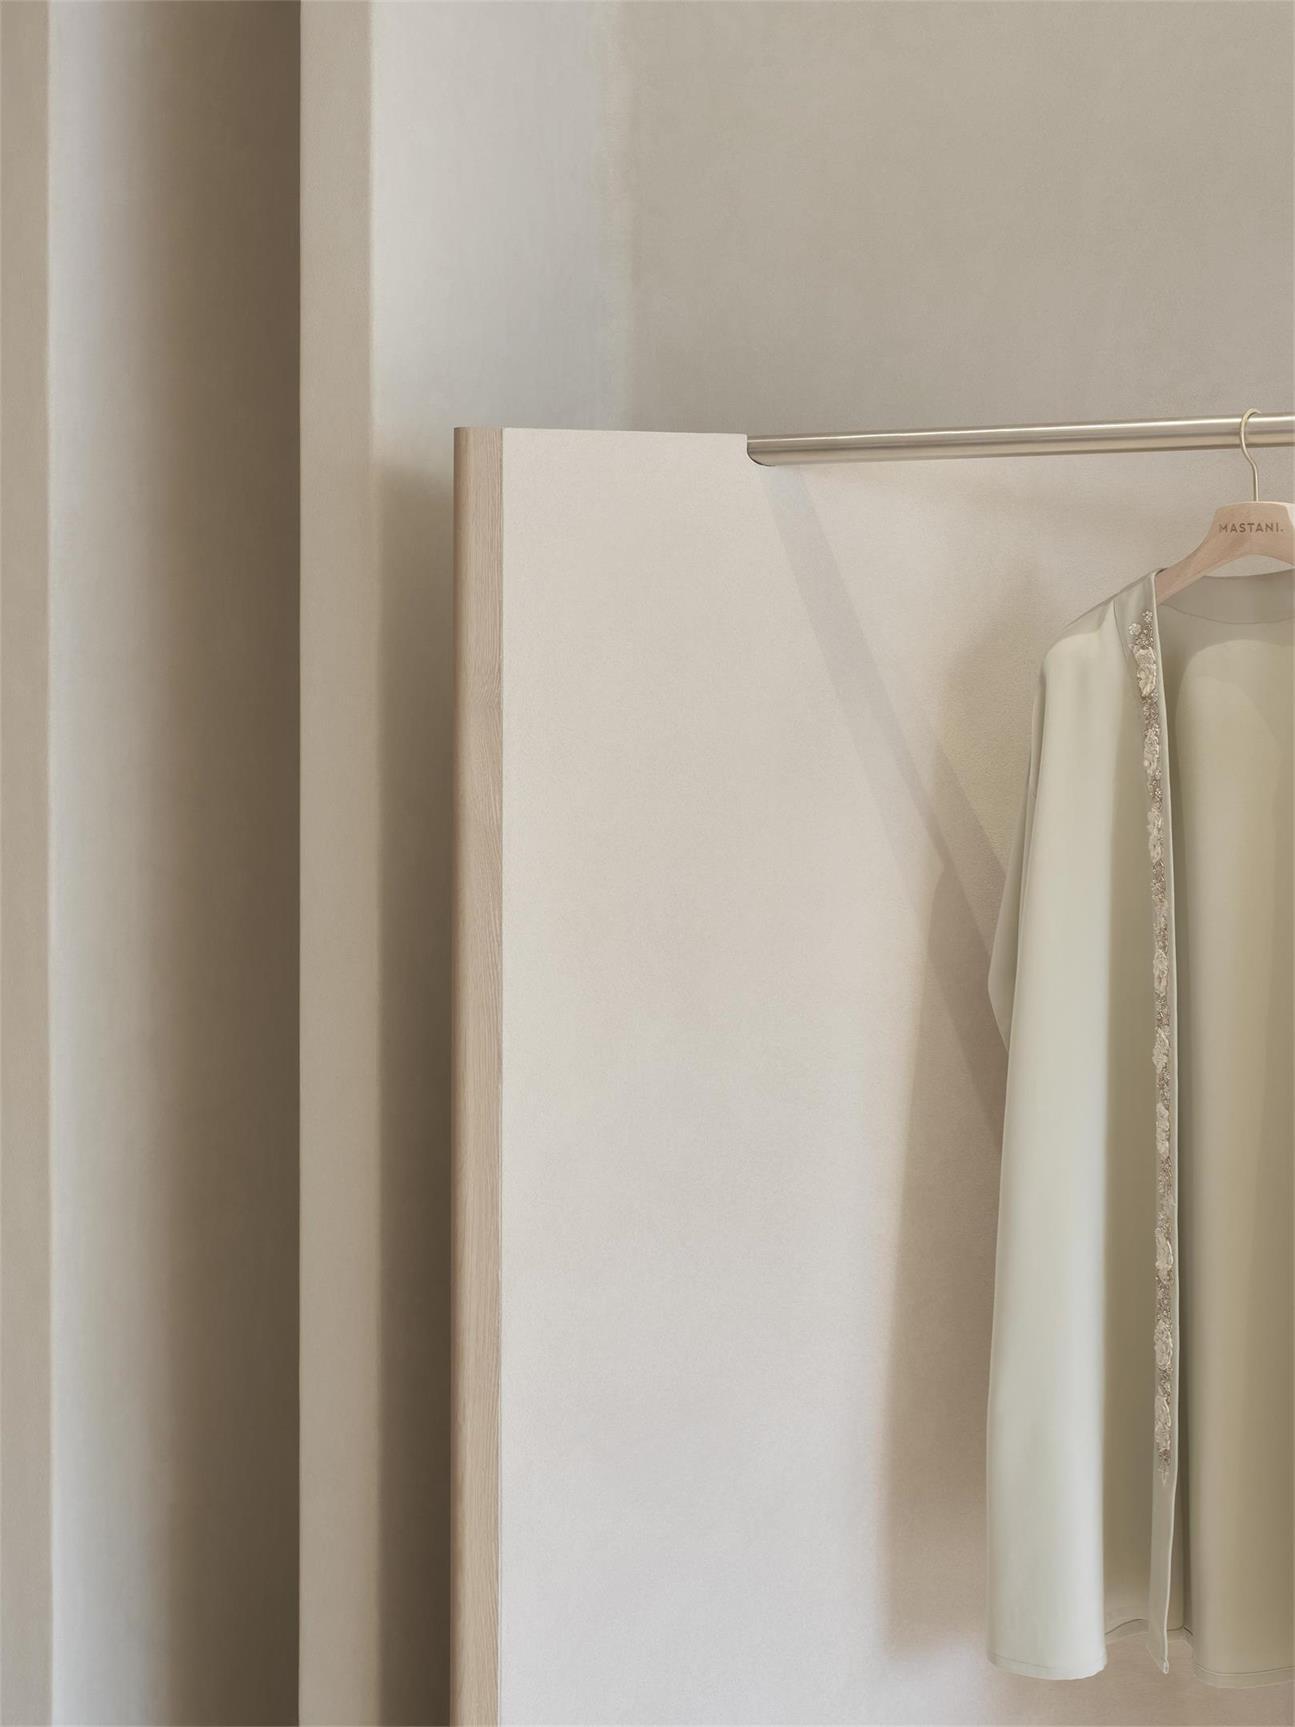 服装店展示架弧形结构设计细节